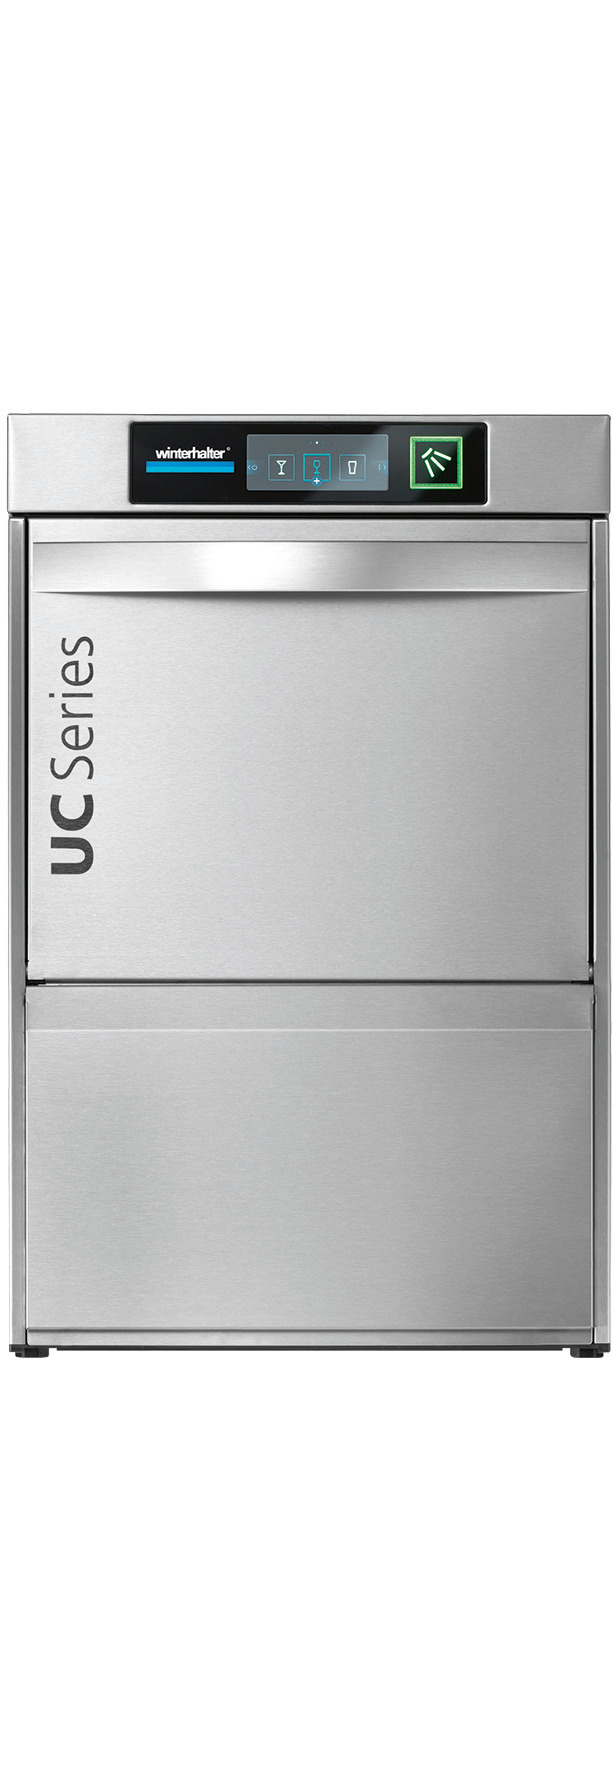 Gläserspülmaschine UC-S / 400 x 400 mm / mit Chemiebehälter / 400 V